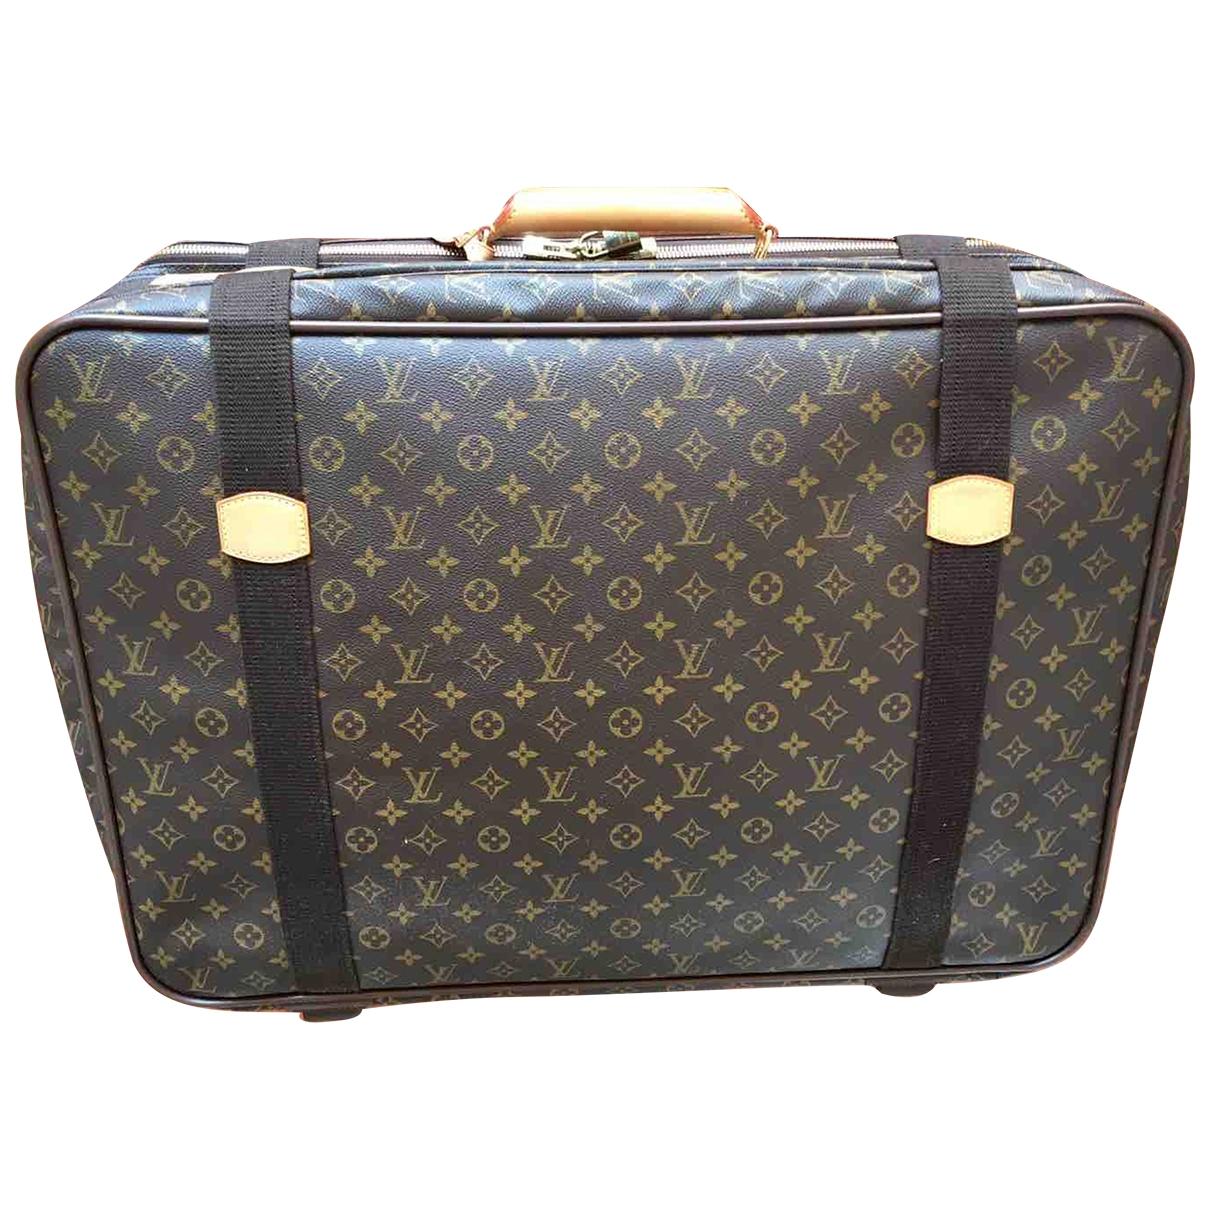 Louis Vuitton - Sac Satellite pour homme en toile - marron